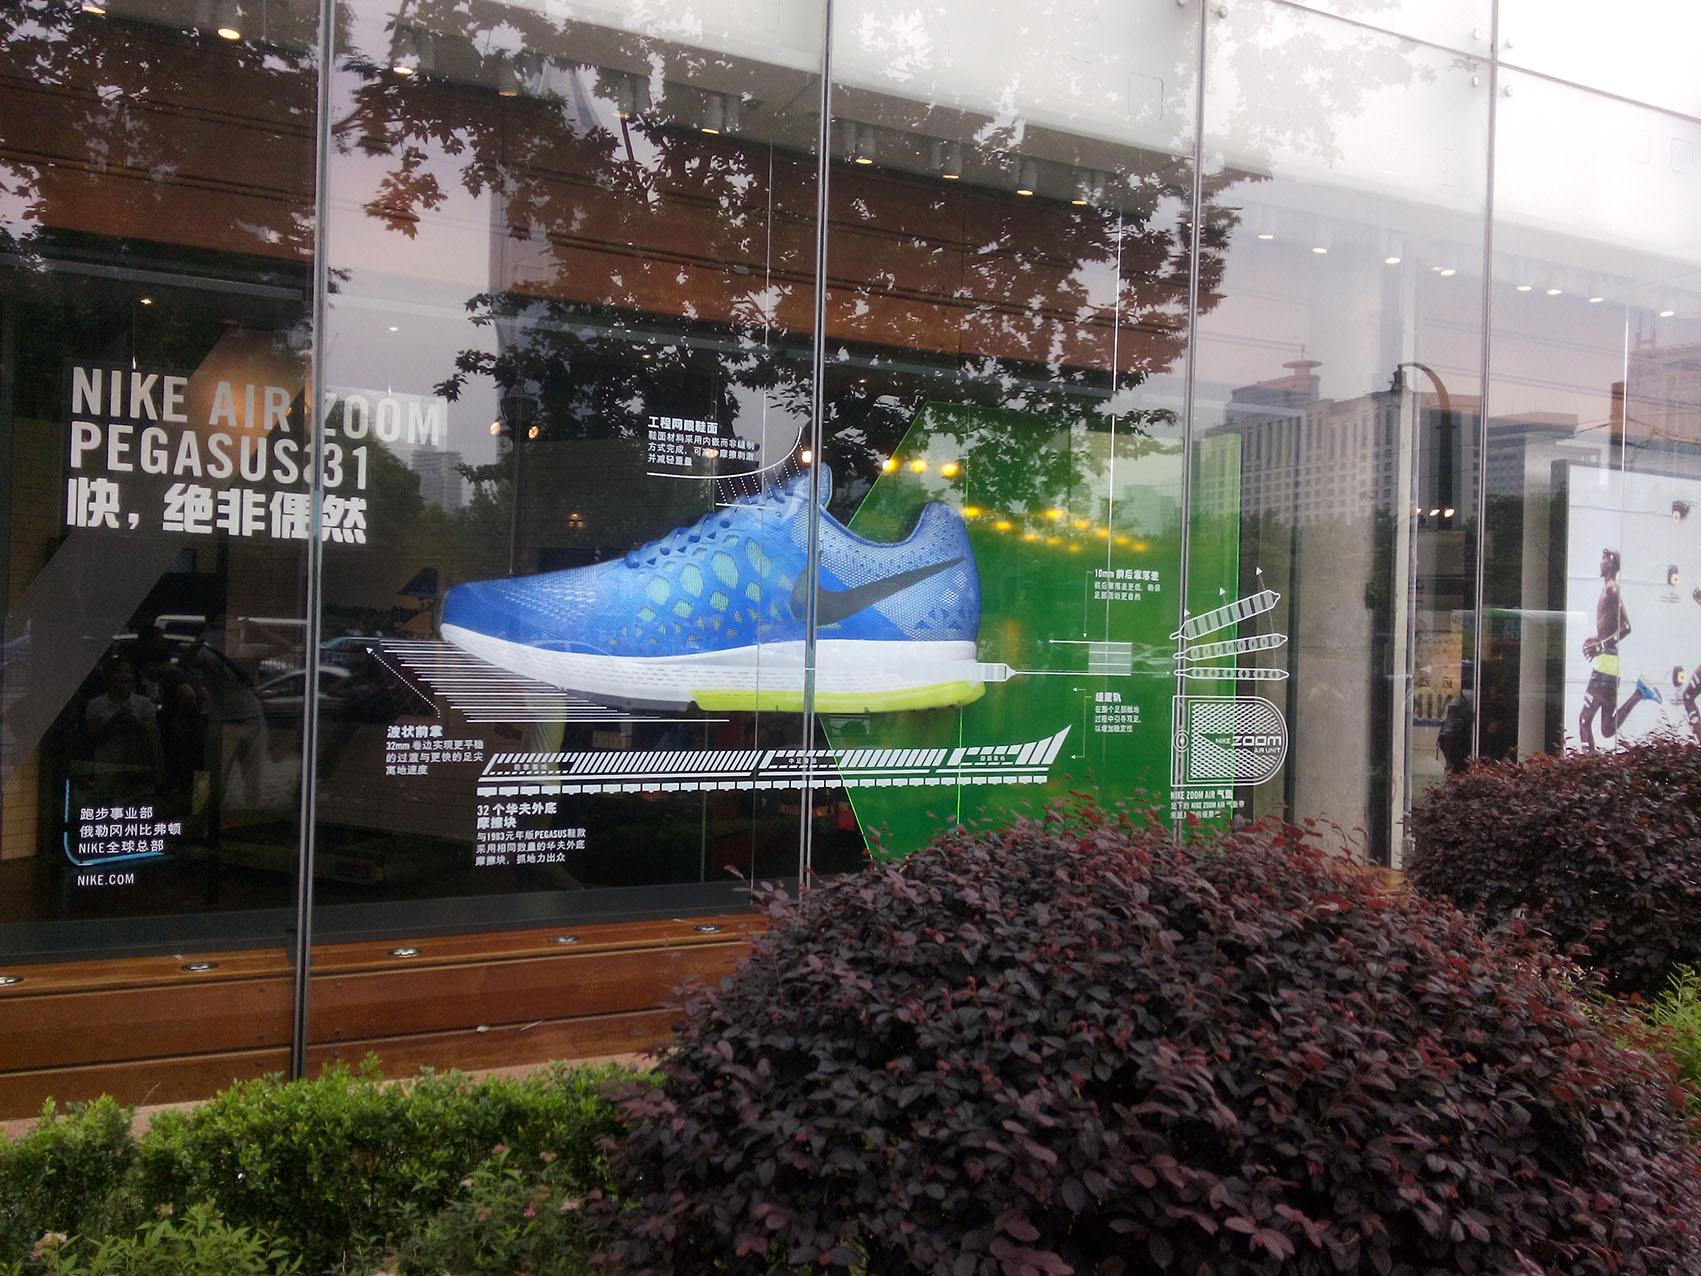 上海商场外墙玻璃广告贴画 幕墙广告画